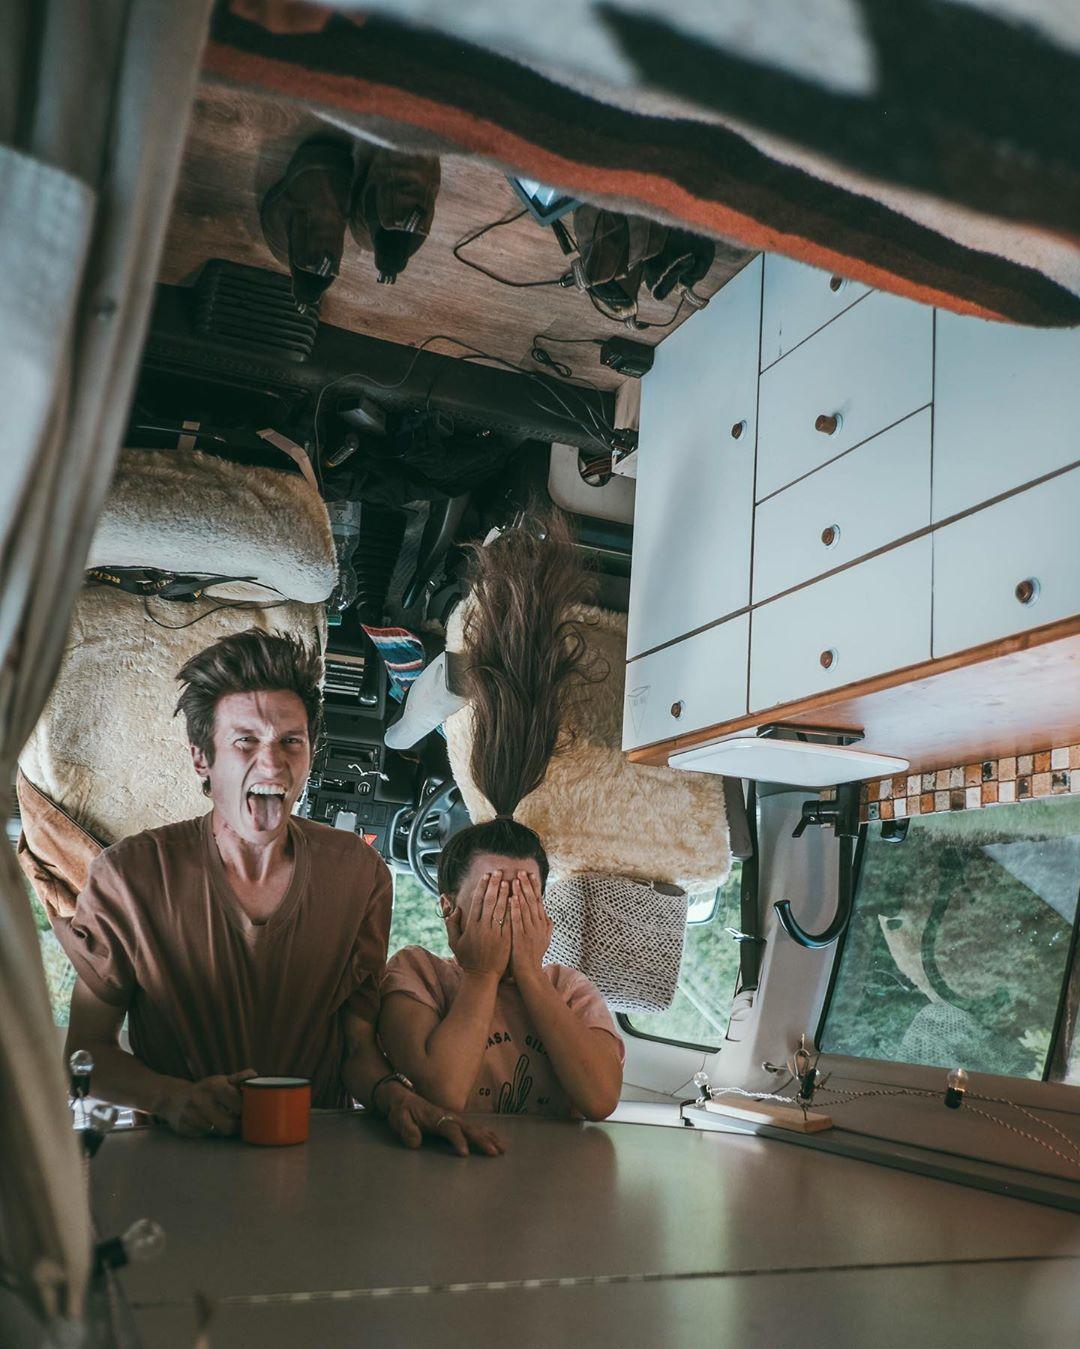 Dreimal hingucken ;) Frank und Selina in ihrem selbsausgebauten VW Rudi. Foto:PinePins